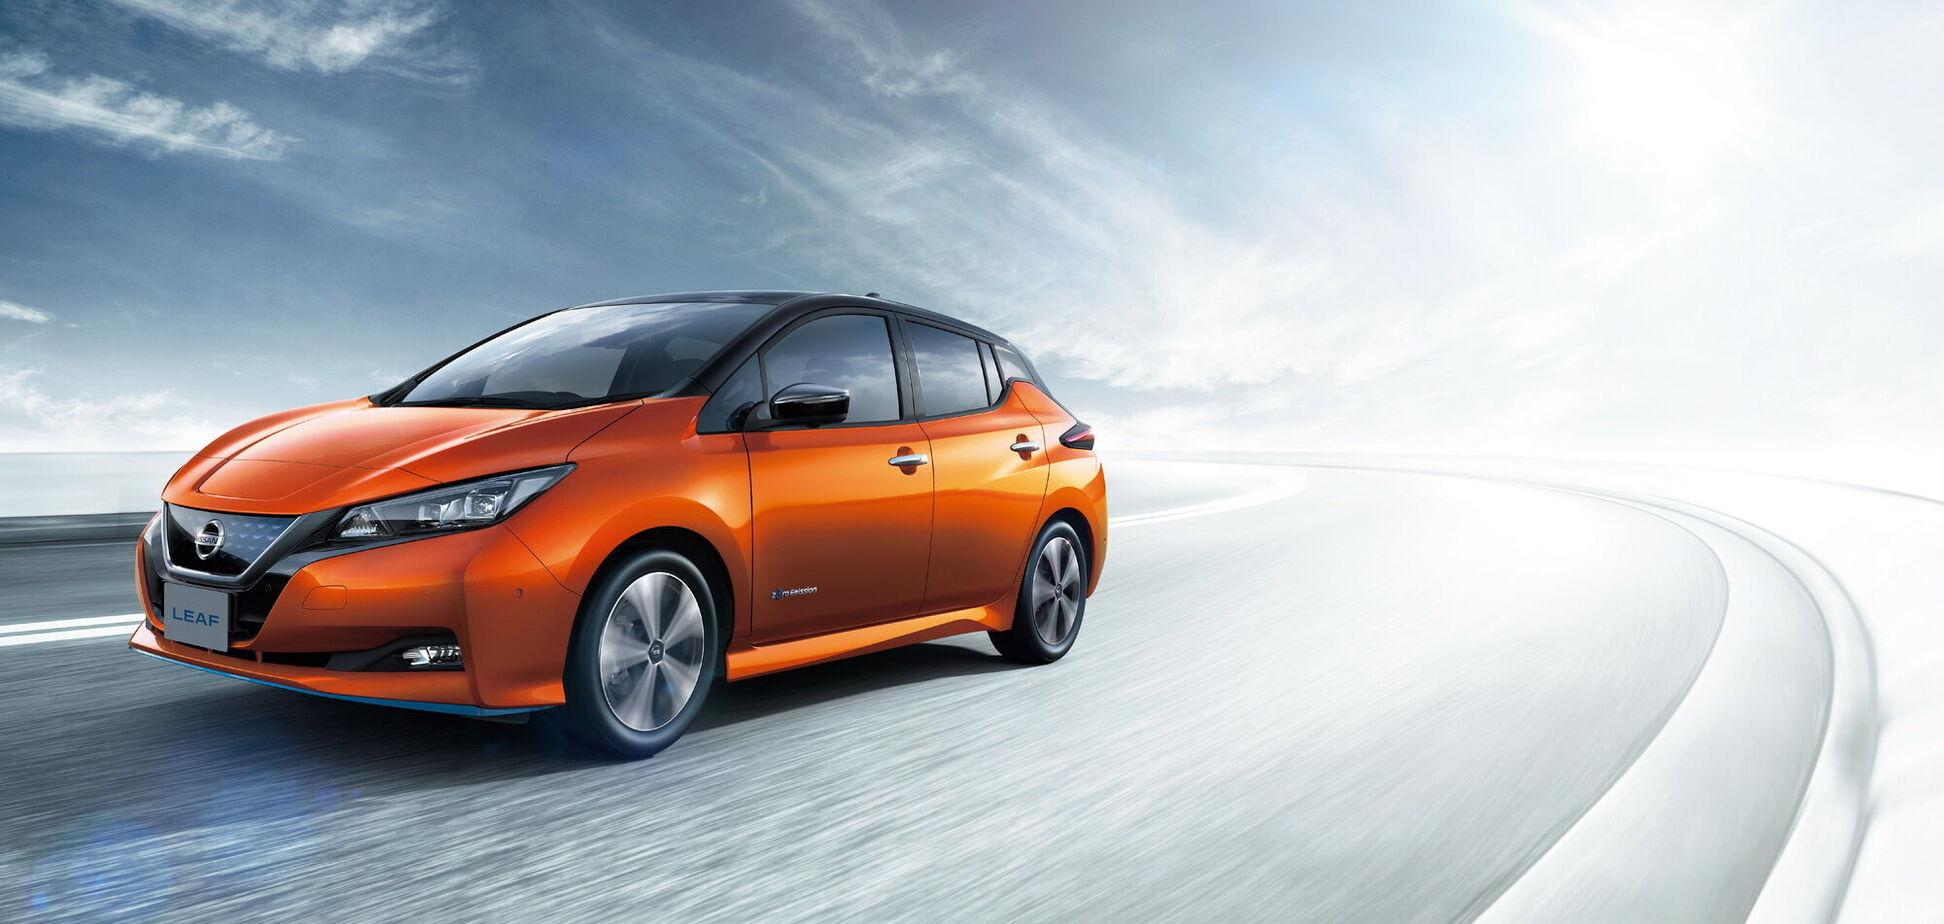 Nissan випробує інноваційну технологію утилізації електродвигунів. Відео